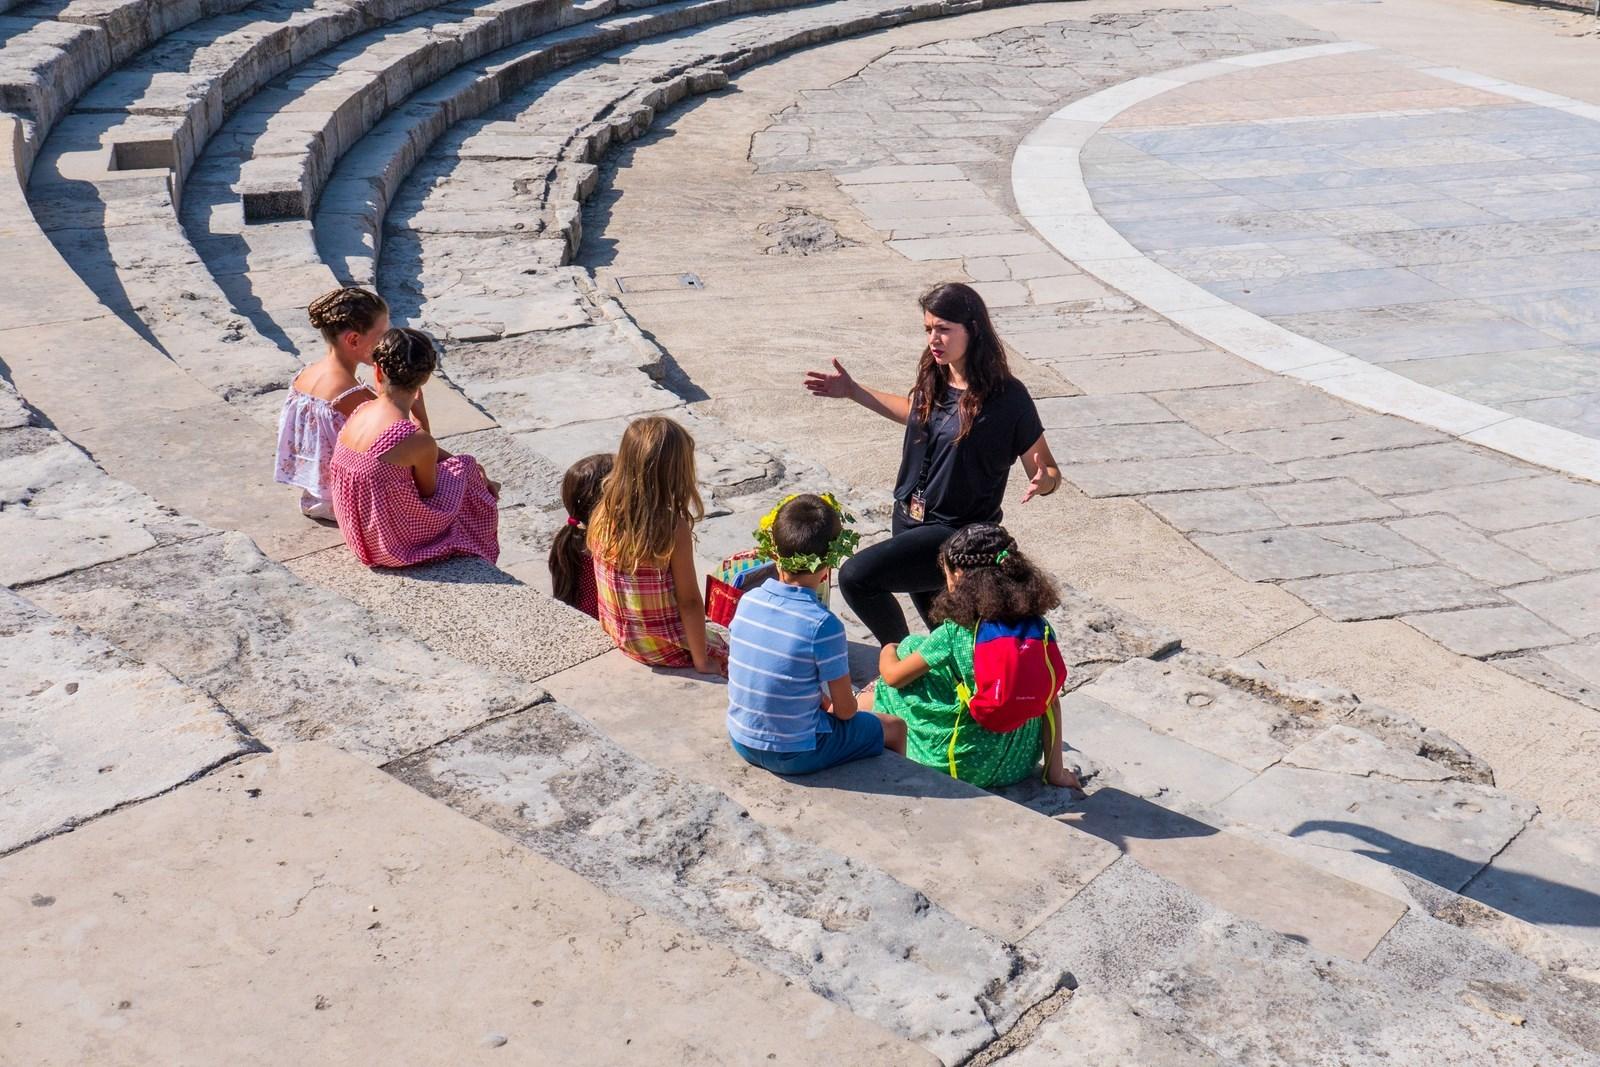 Découverte de trois monuments d'Arles pour les enfants de 6 à 12 ans accompagnés